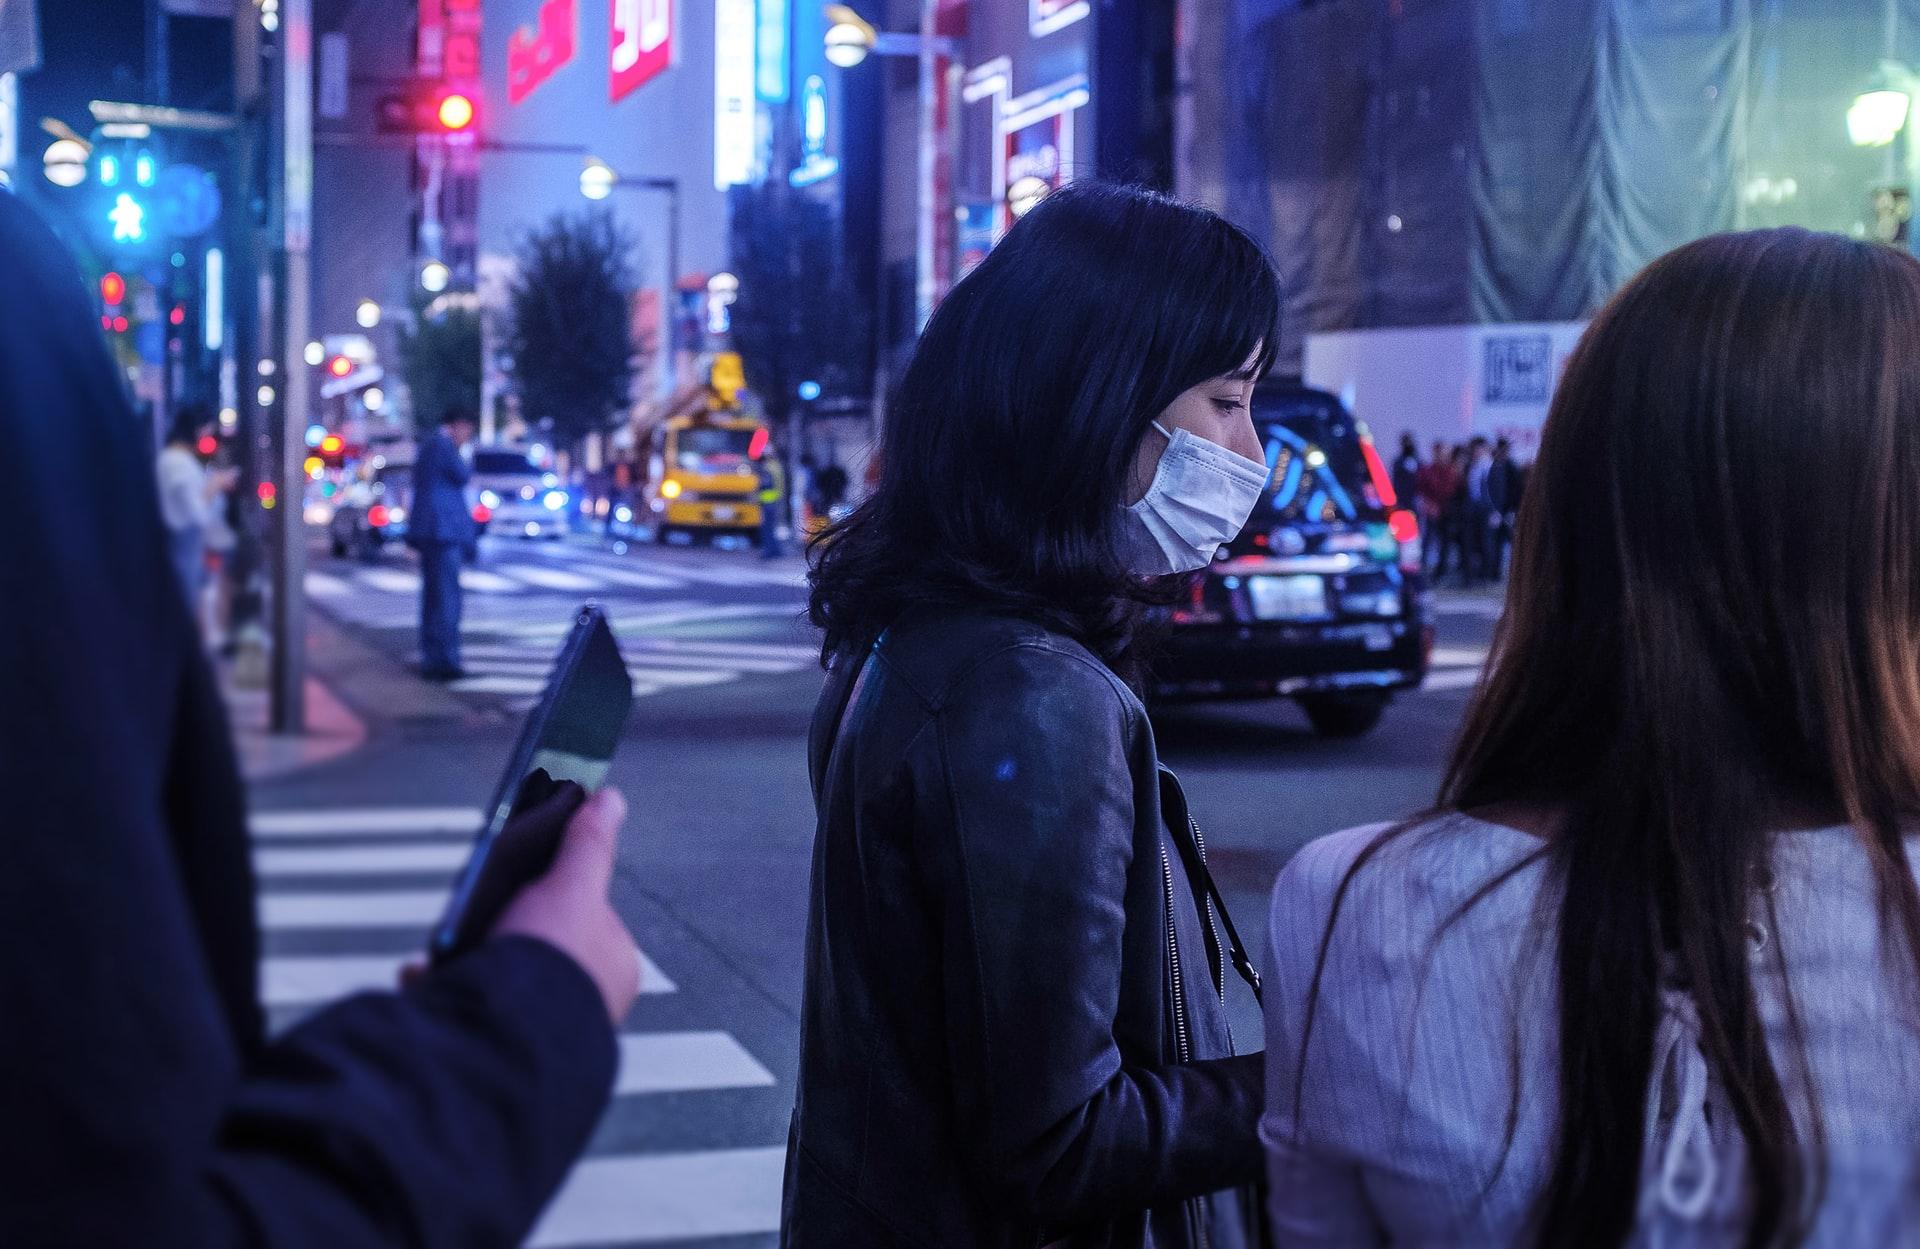 Pogledi u mobitele napokon u fokusu